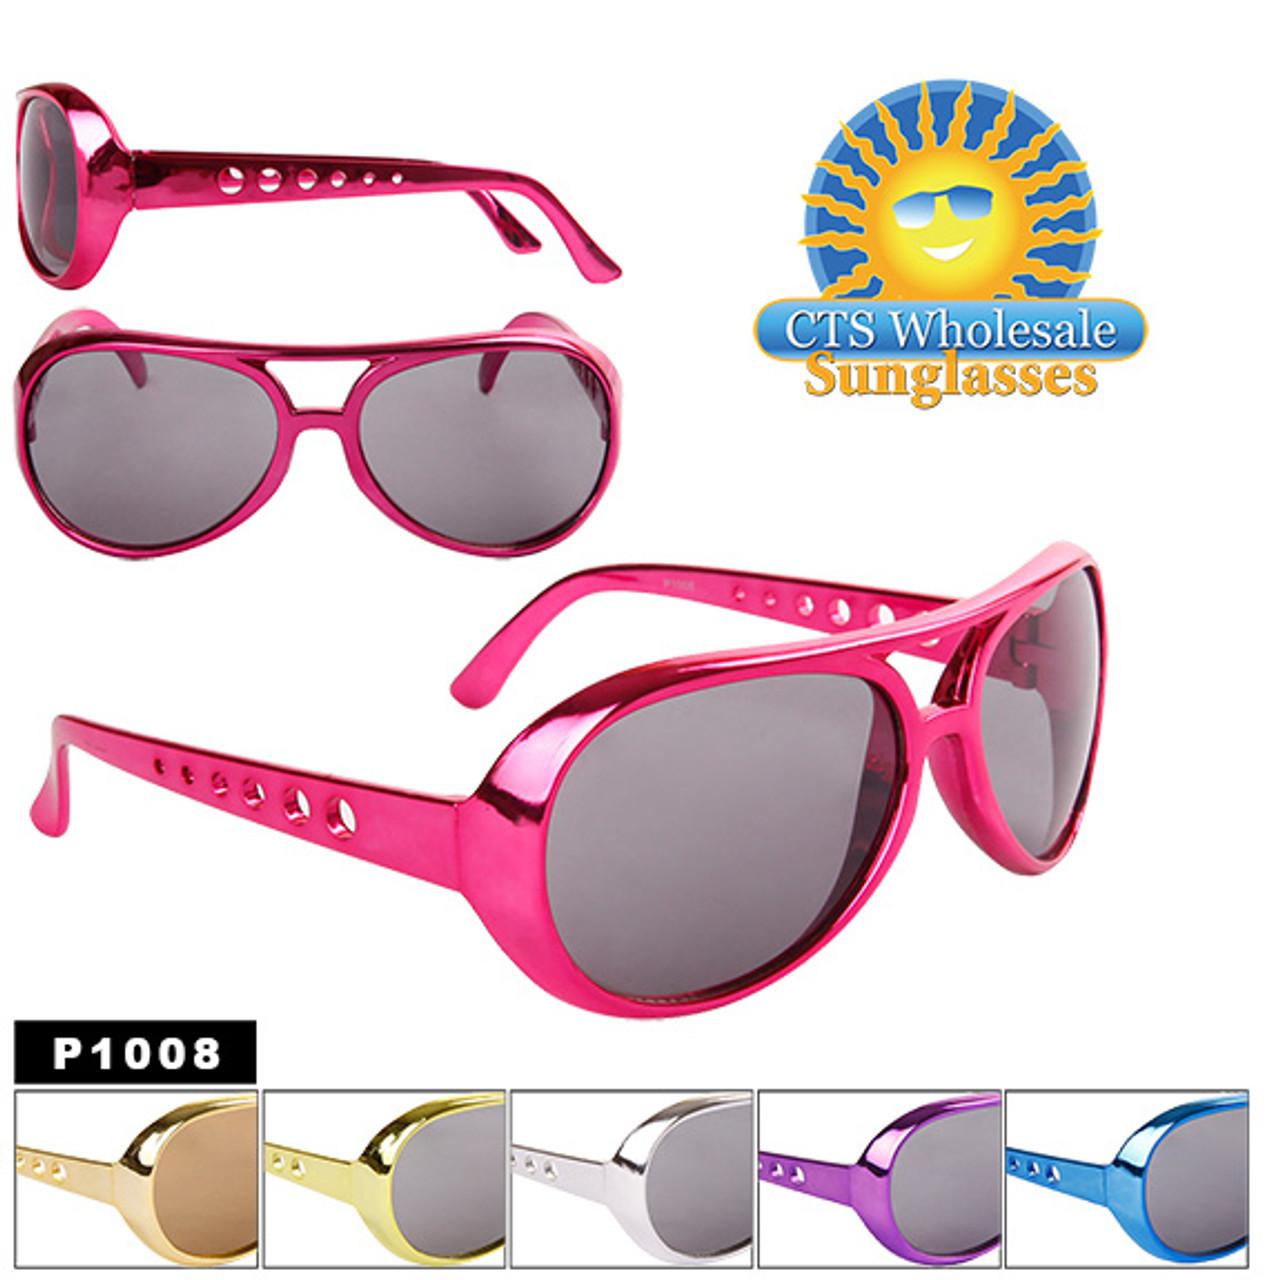 """Wholesale ~ """"Elvis"""" ~ Party Sunglasses P1008 (Assorted Colors) (12 pcs.)"""